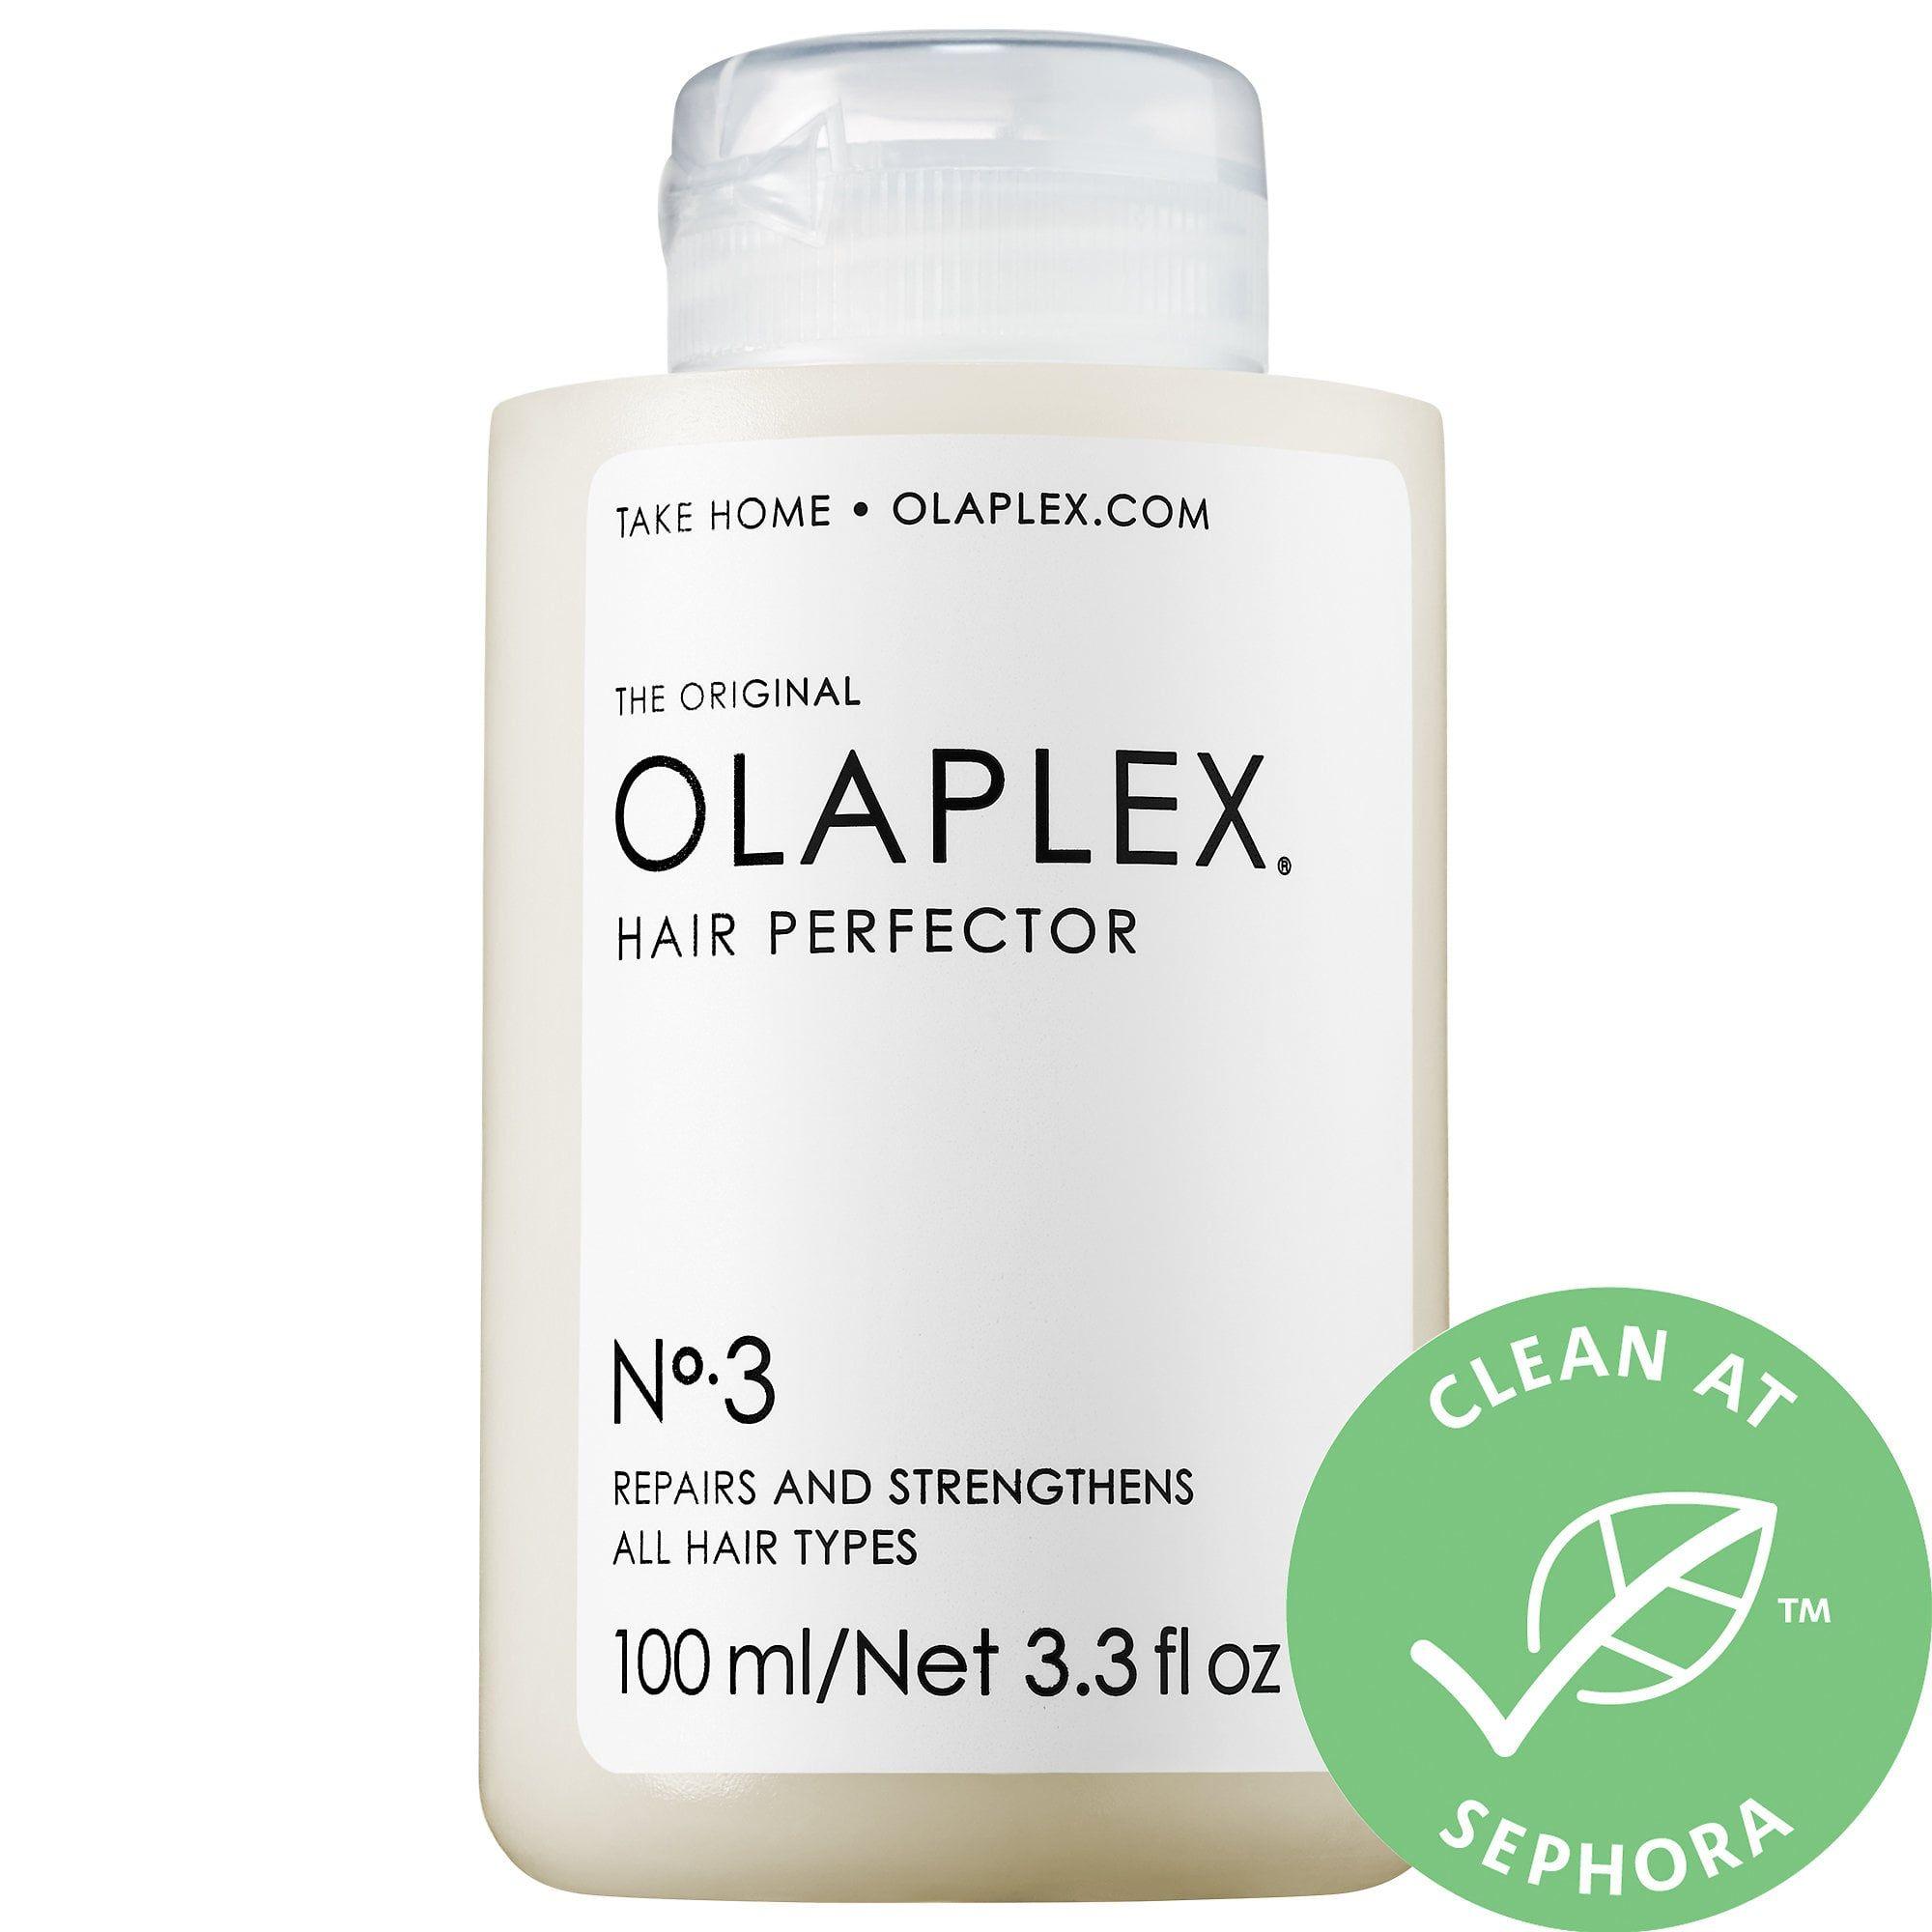 Olaplex Hair Perfector No. 3 in 2020 Olaplex, Sephora